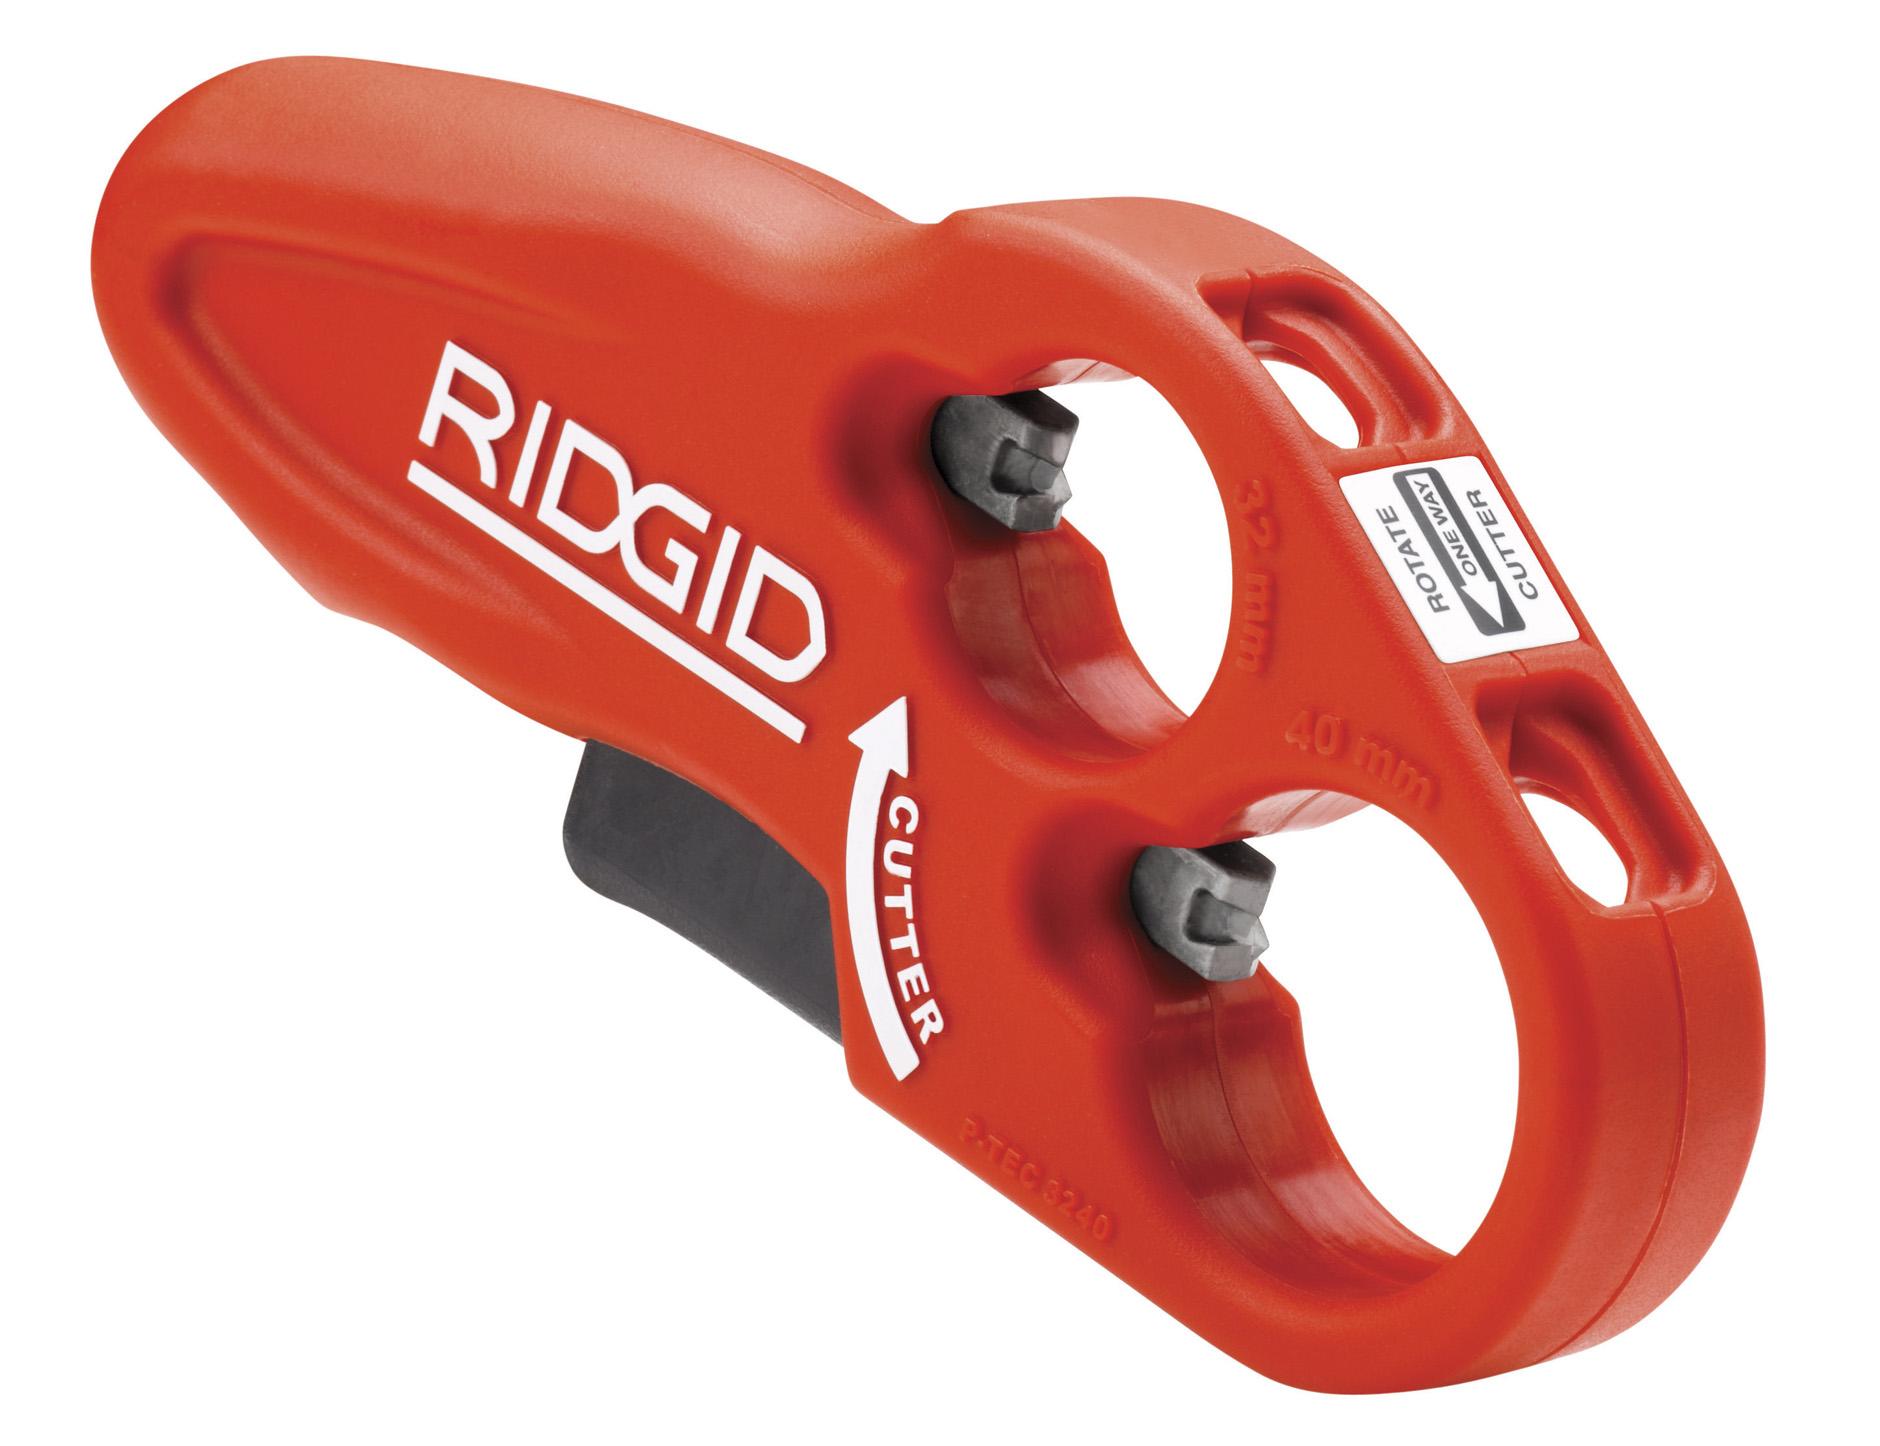 Труборез Ridgid P-tec 3240 37463